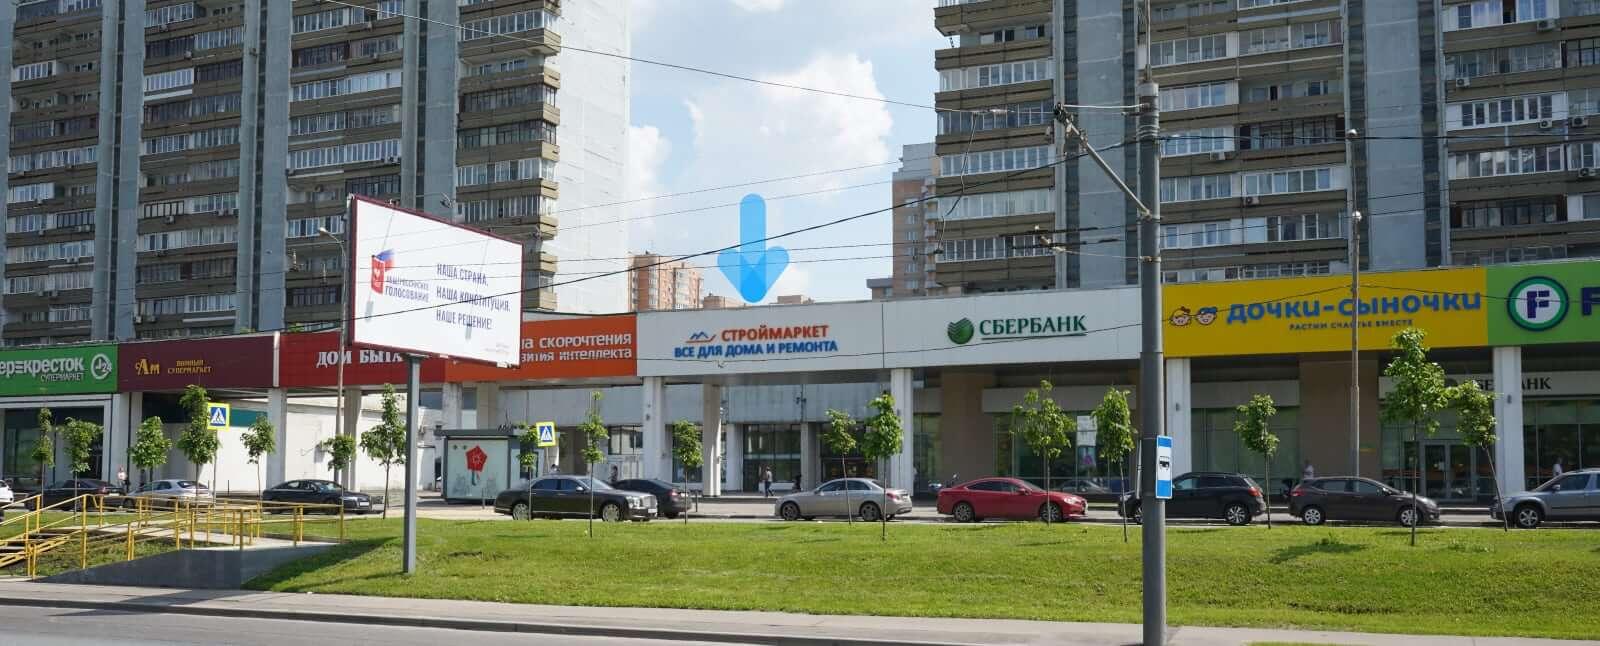 Вход в стоматологию Ортодонт Комплекс на Ленинском пр., д. 99